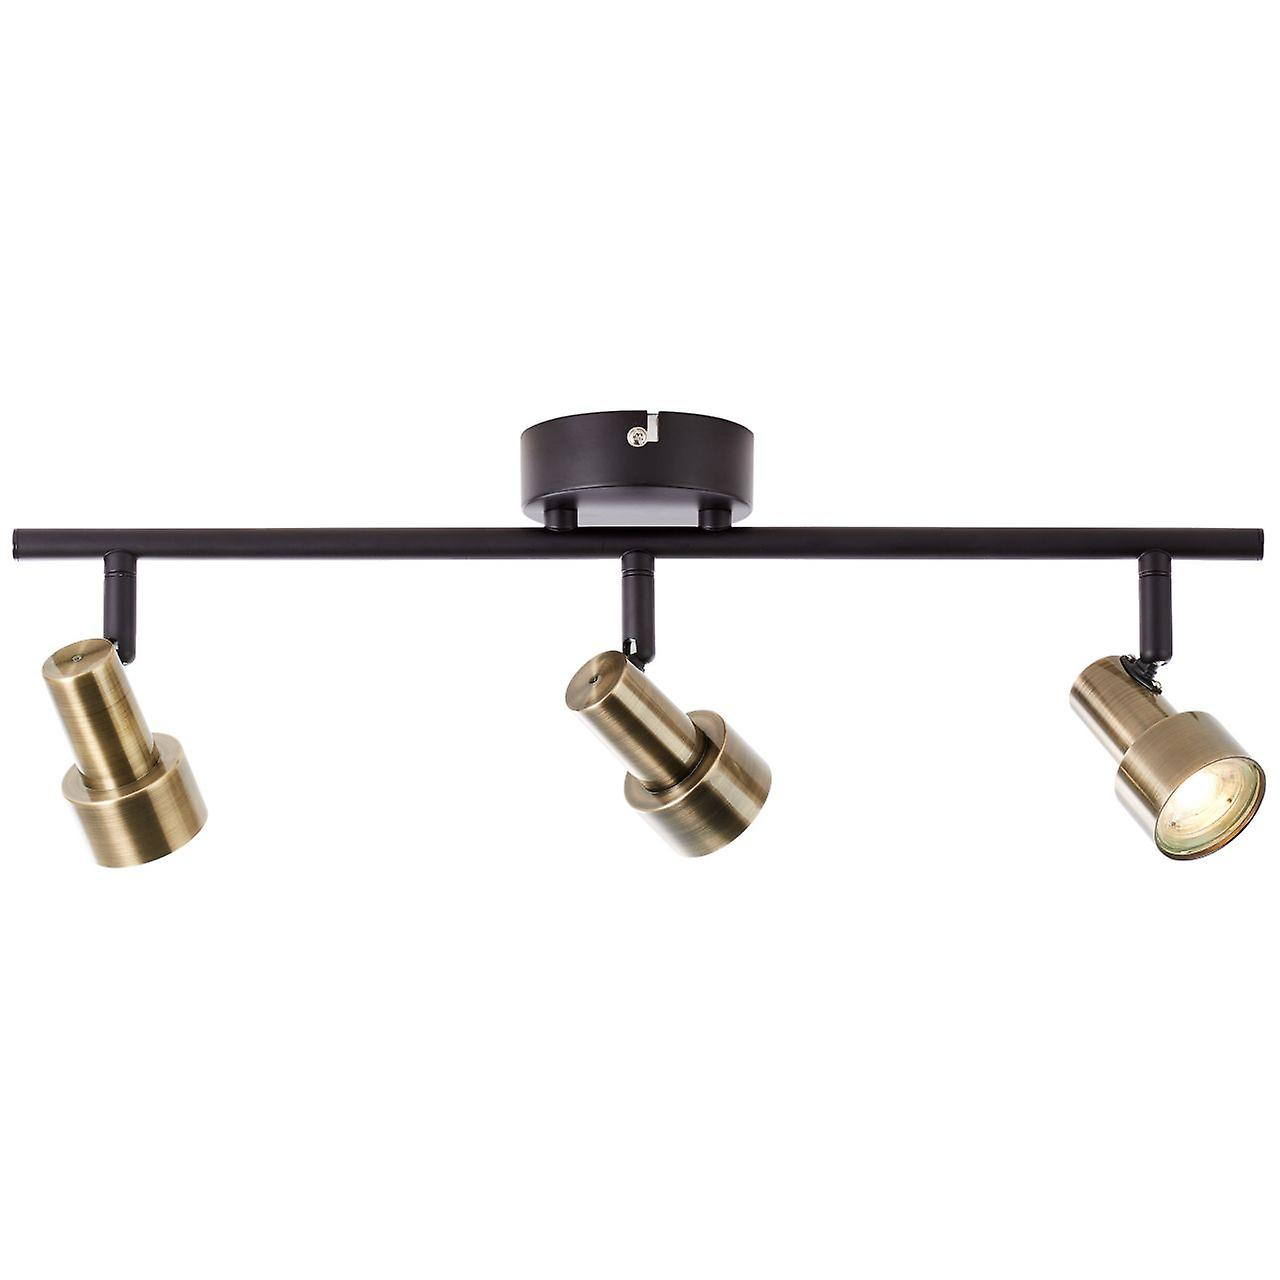 BRILLIANT Lampe Croyden LED Spotrohr 3flg messing/schwarz | 3x 4W LED integriert, 350lm, 3000K | Köpfe schwenkbar | Energiesparend und langlebig durch LED-Einsatz